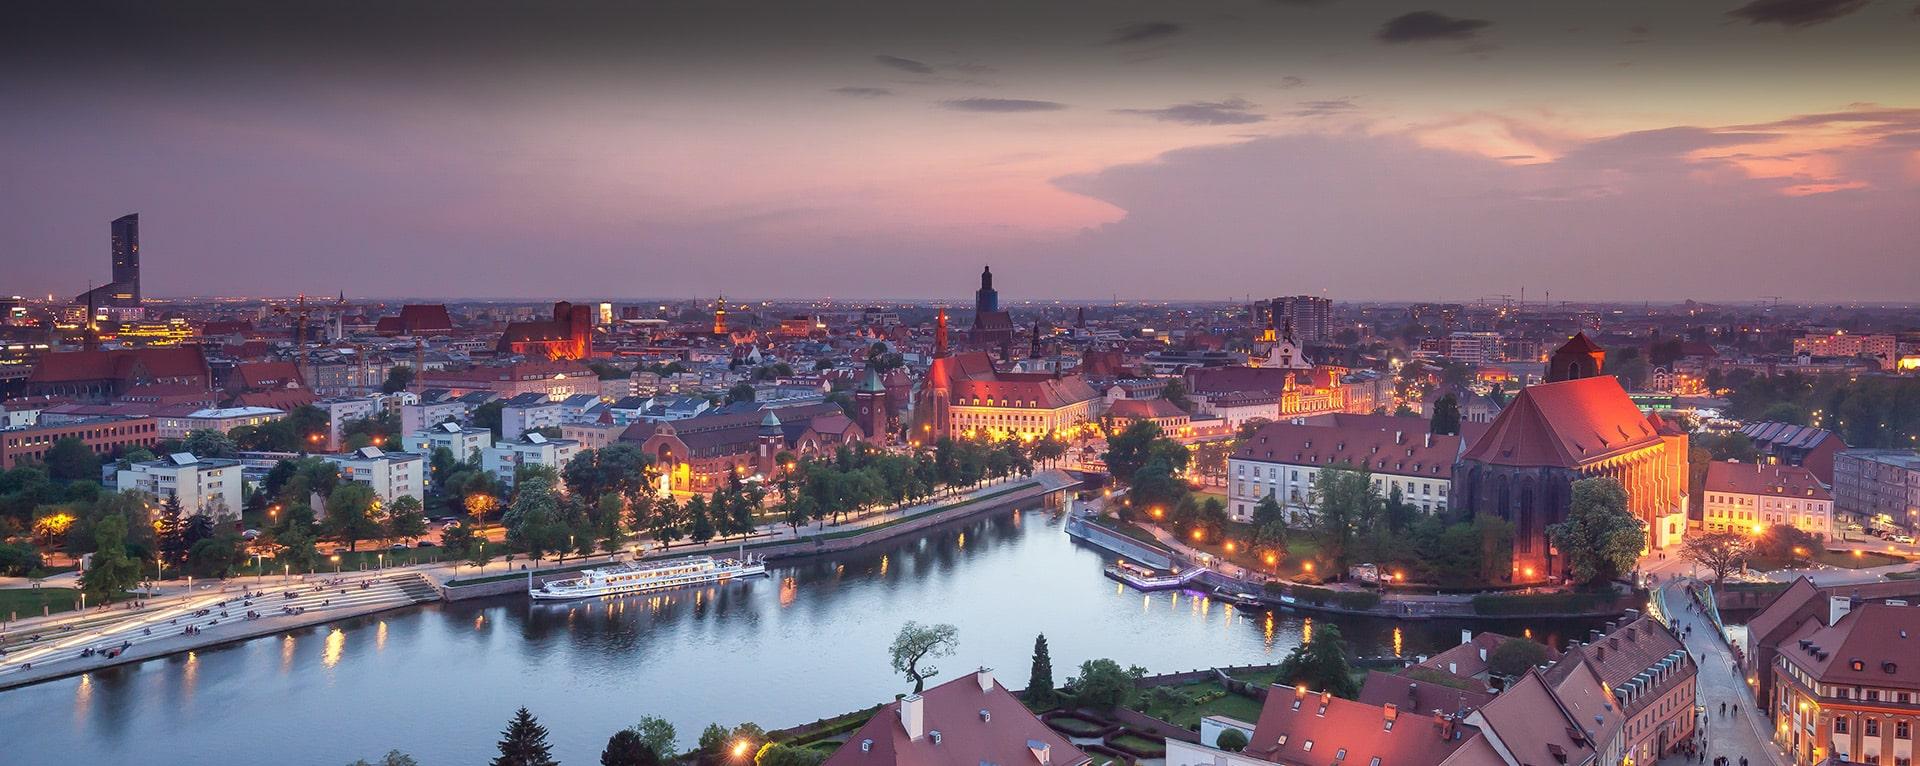 Wrocław - mieszkania